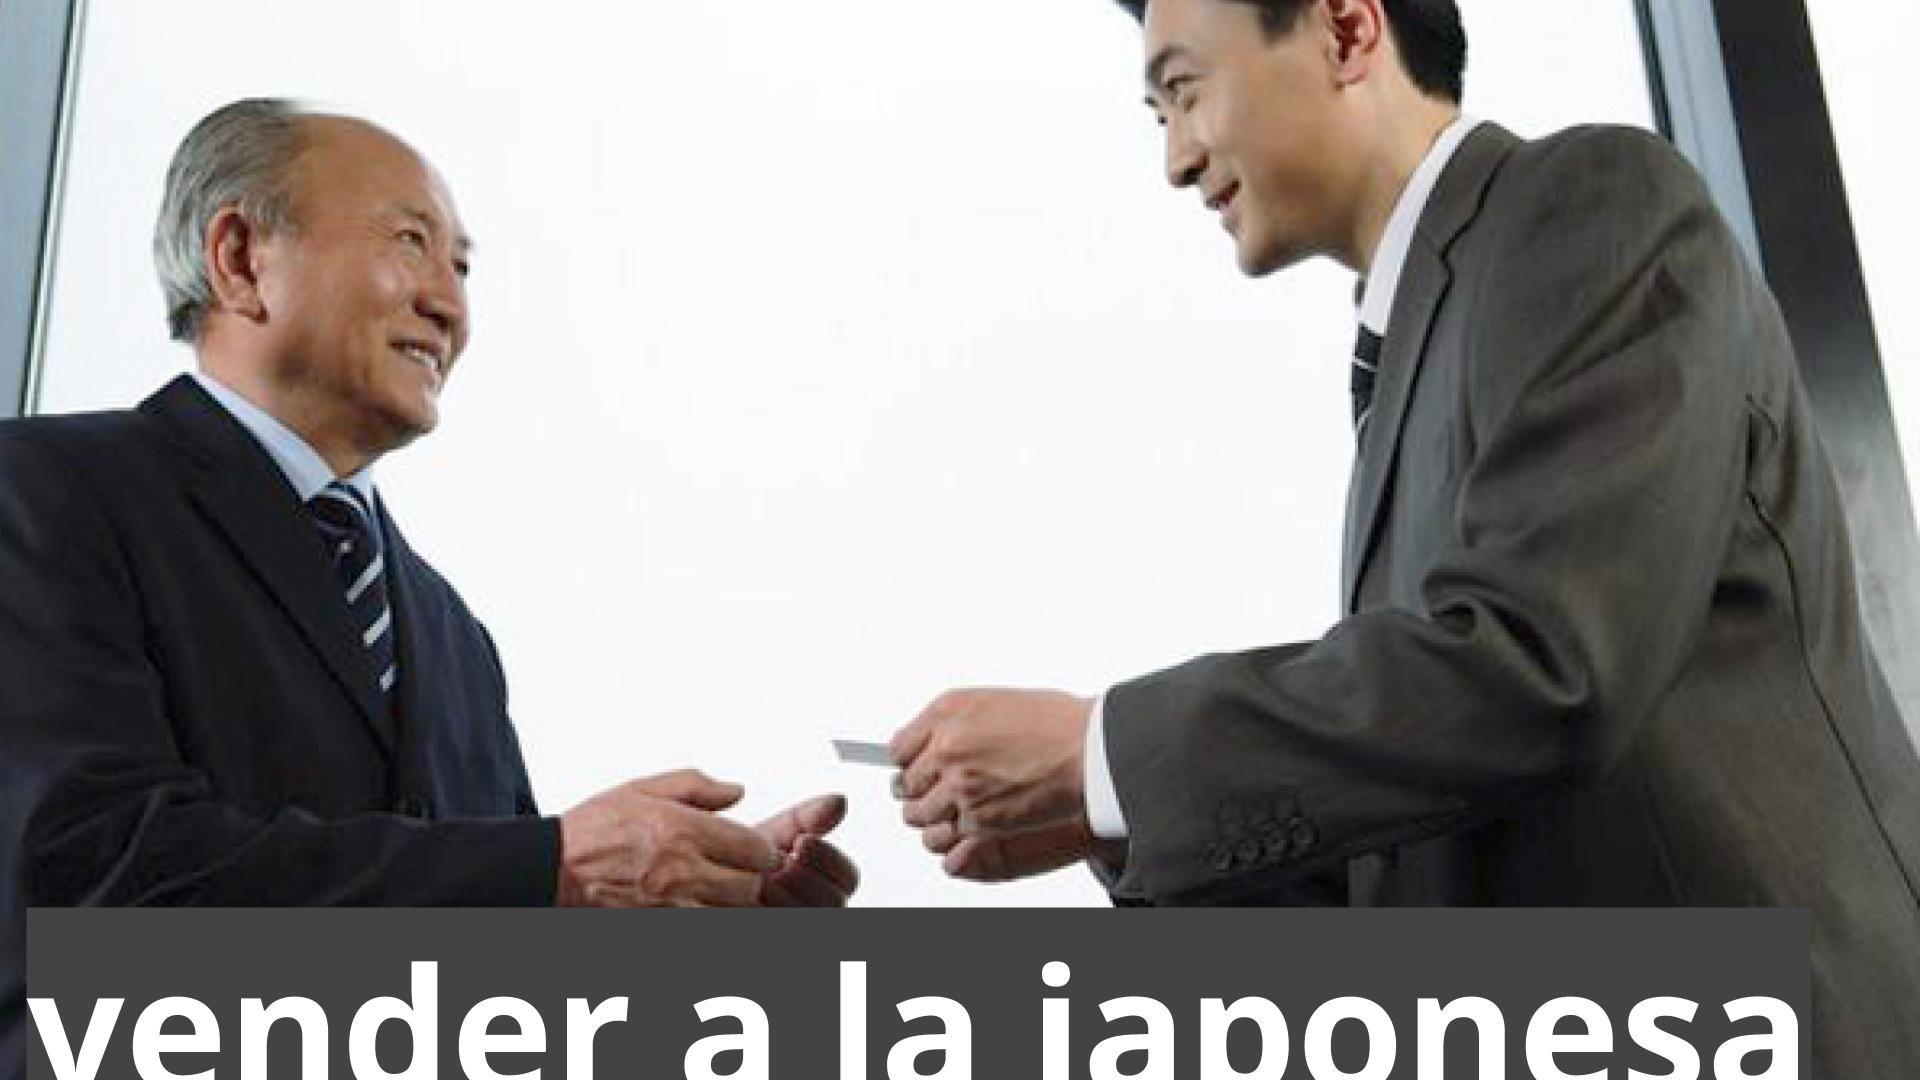 vender a la japonesa